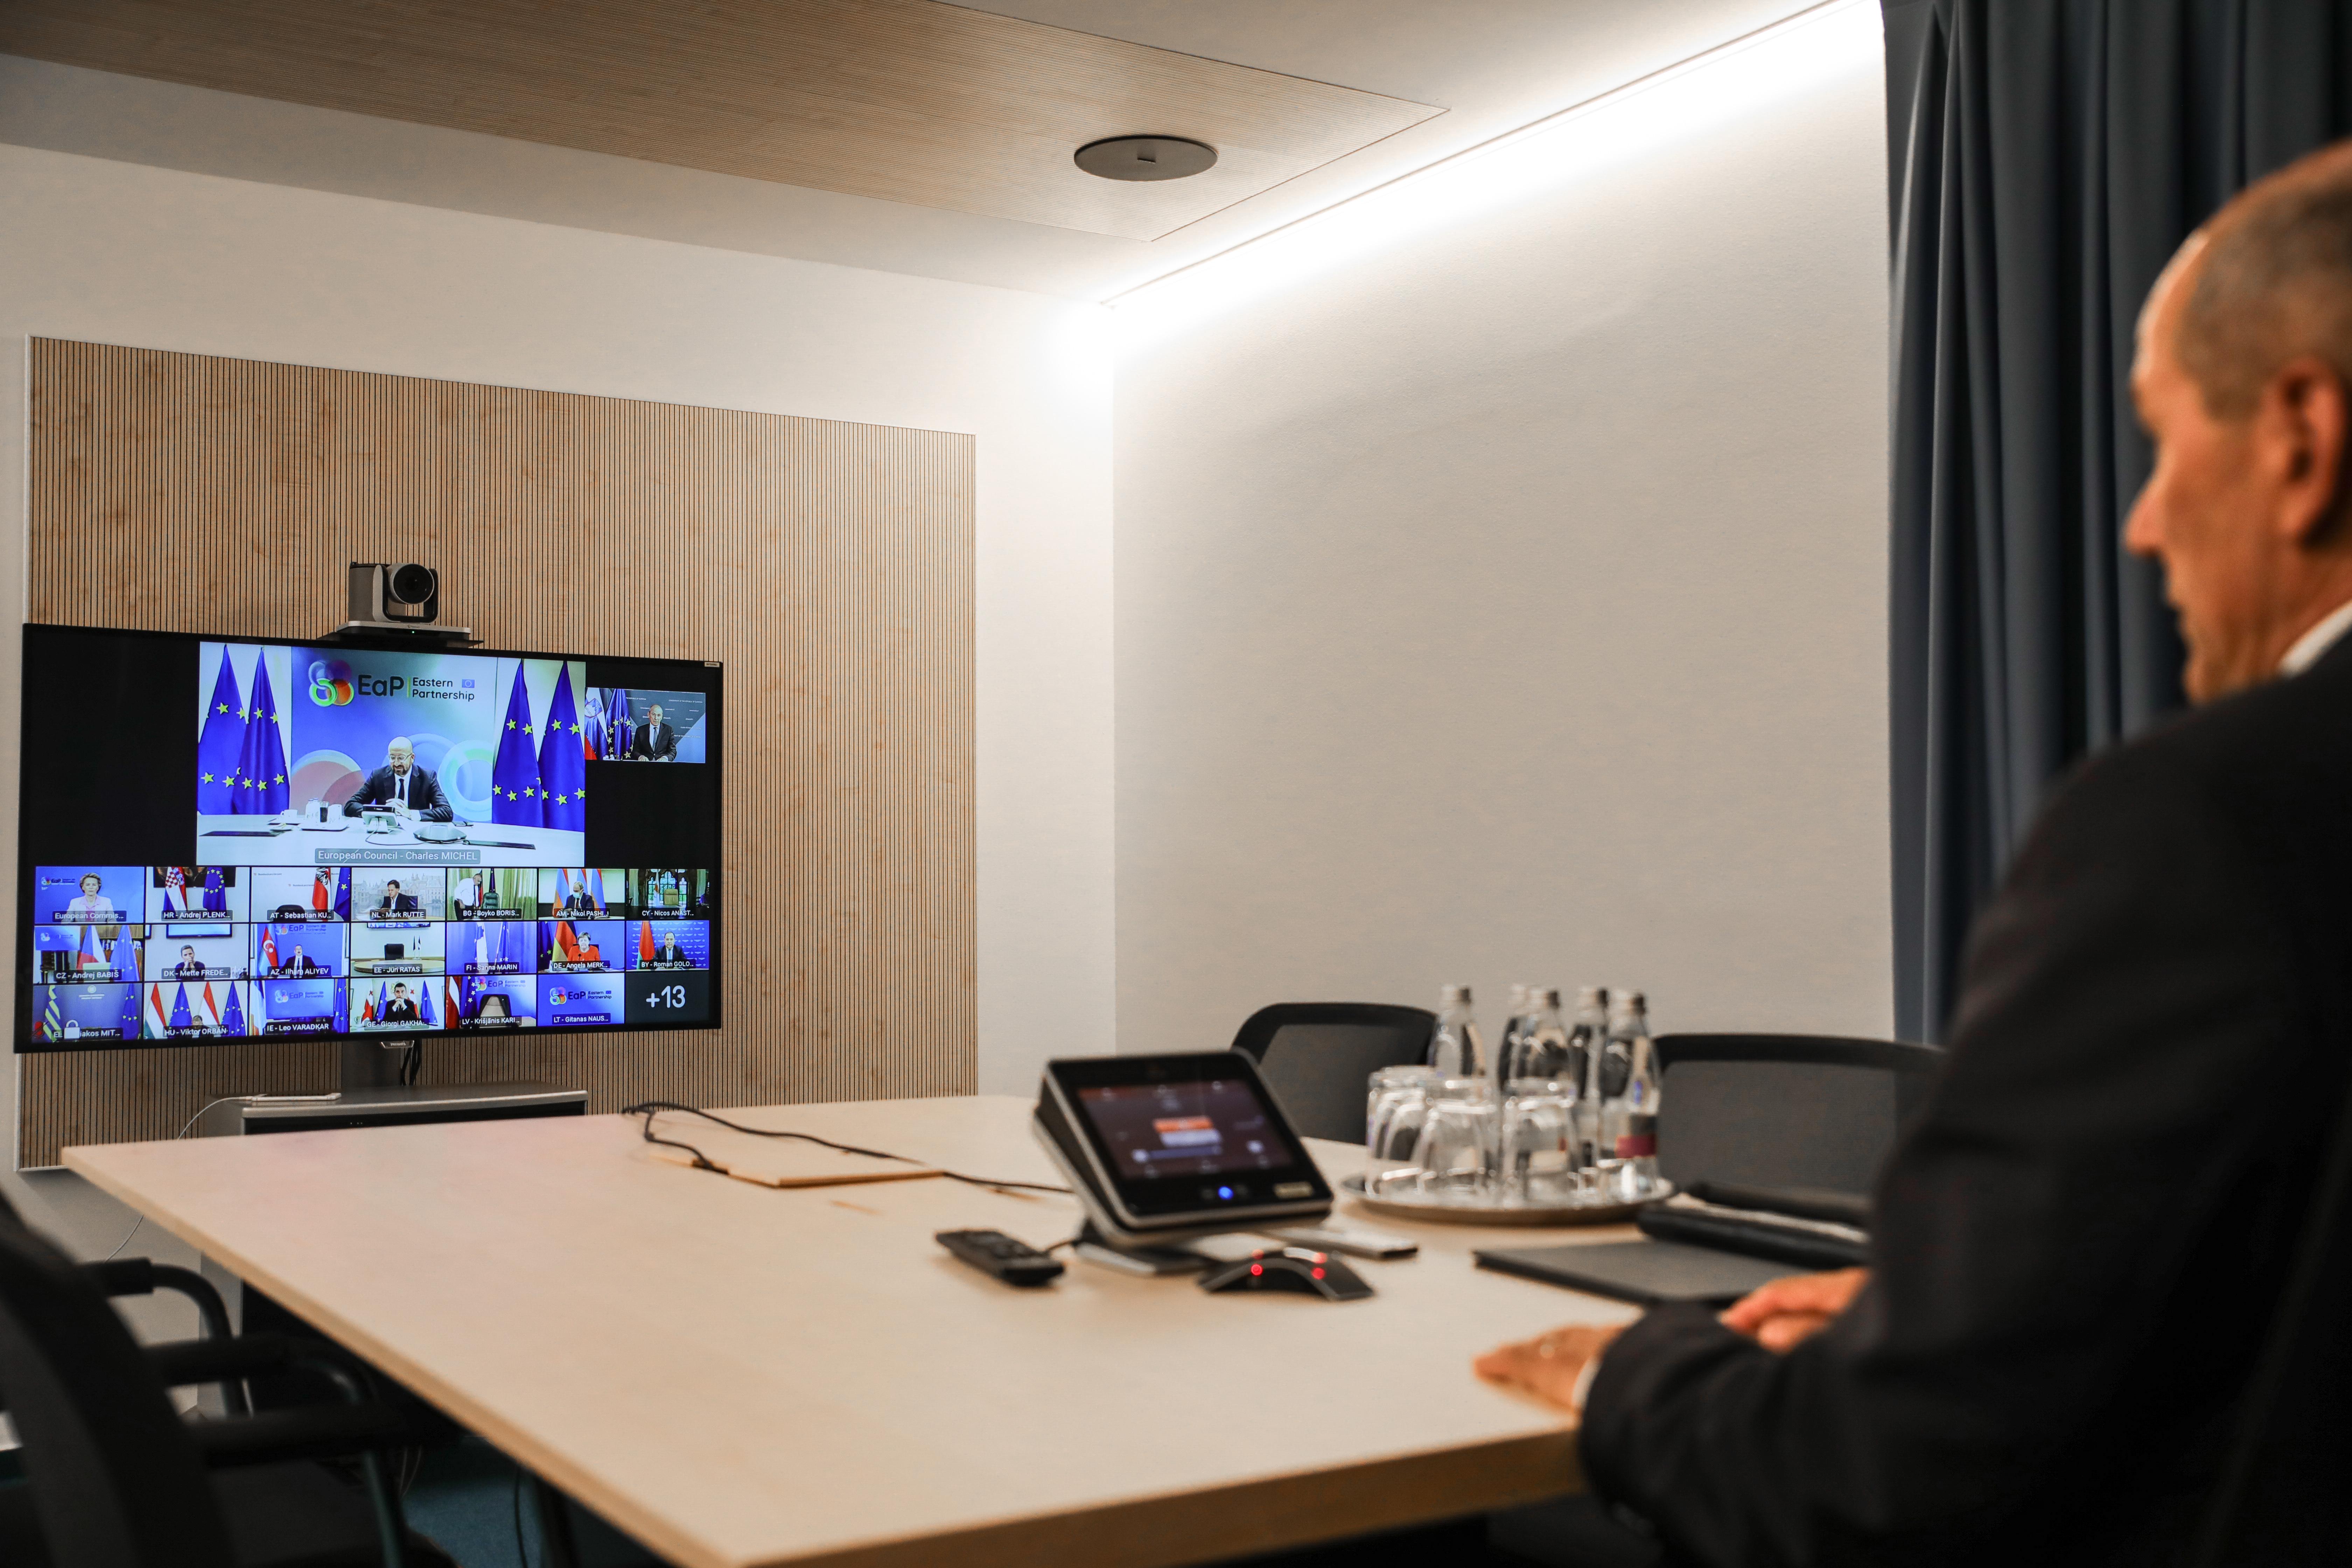 Predsednik Vlade Janez Janša se je danes udeležil videokonferenčnega zasedanja voditeljev držav članic EU in šestih držav Vzhodnega partnerstva